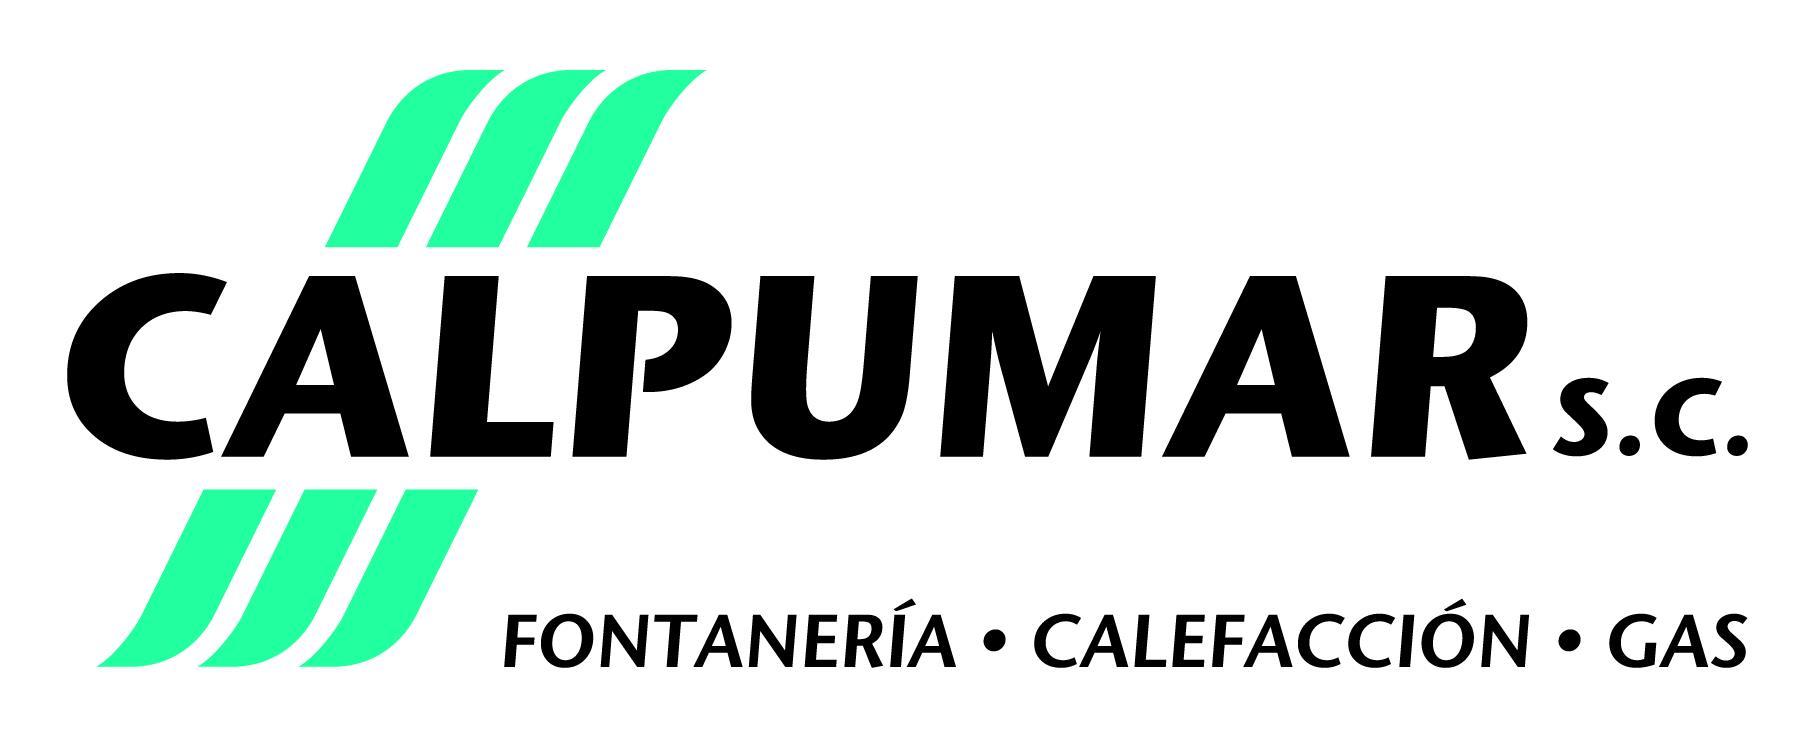 Fontanería Calpumar